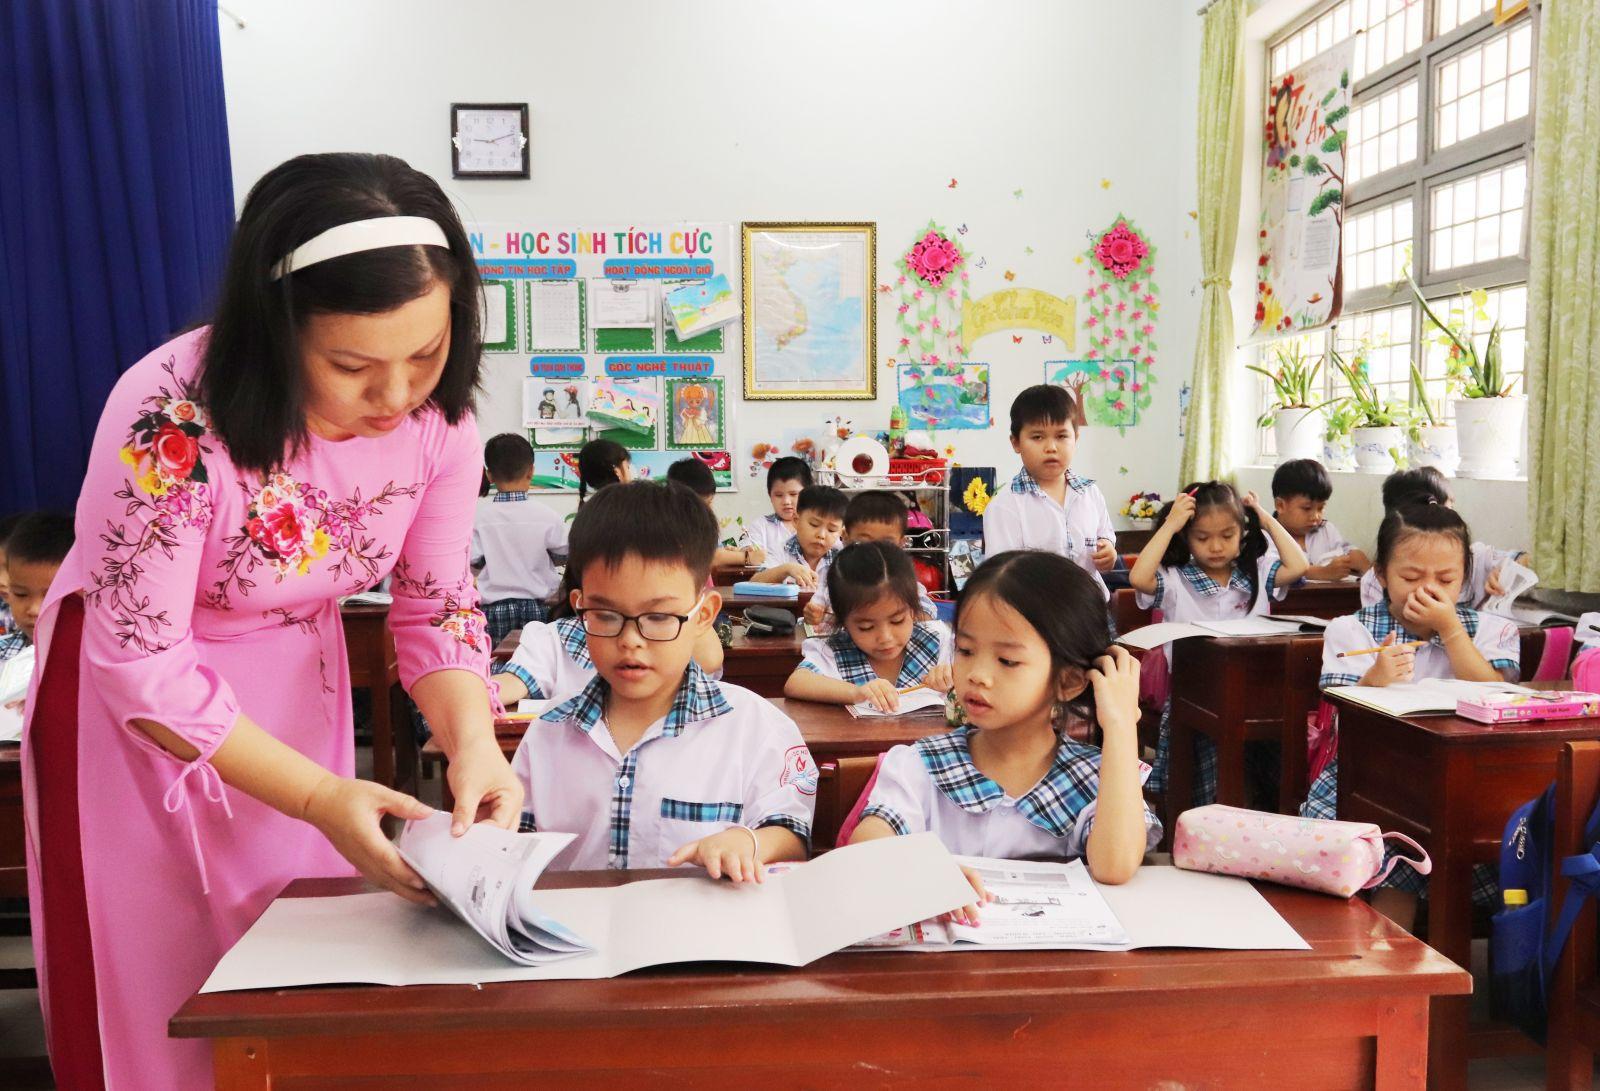 Cô Lê Thị Huỳnh Nga giảng dạy theo chương trình sách giáo khoa cải cách